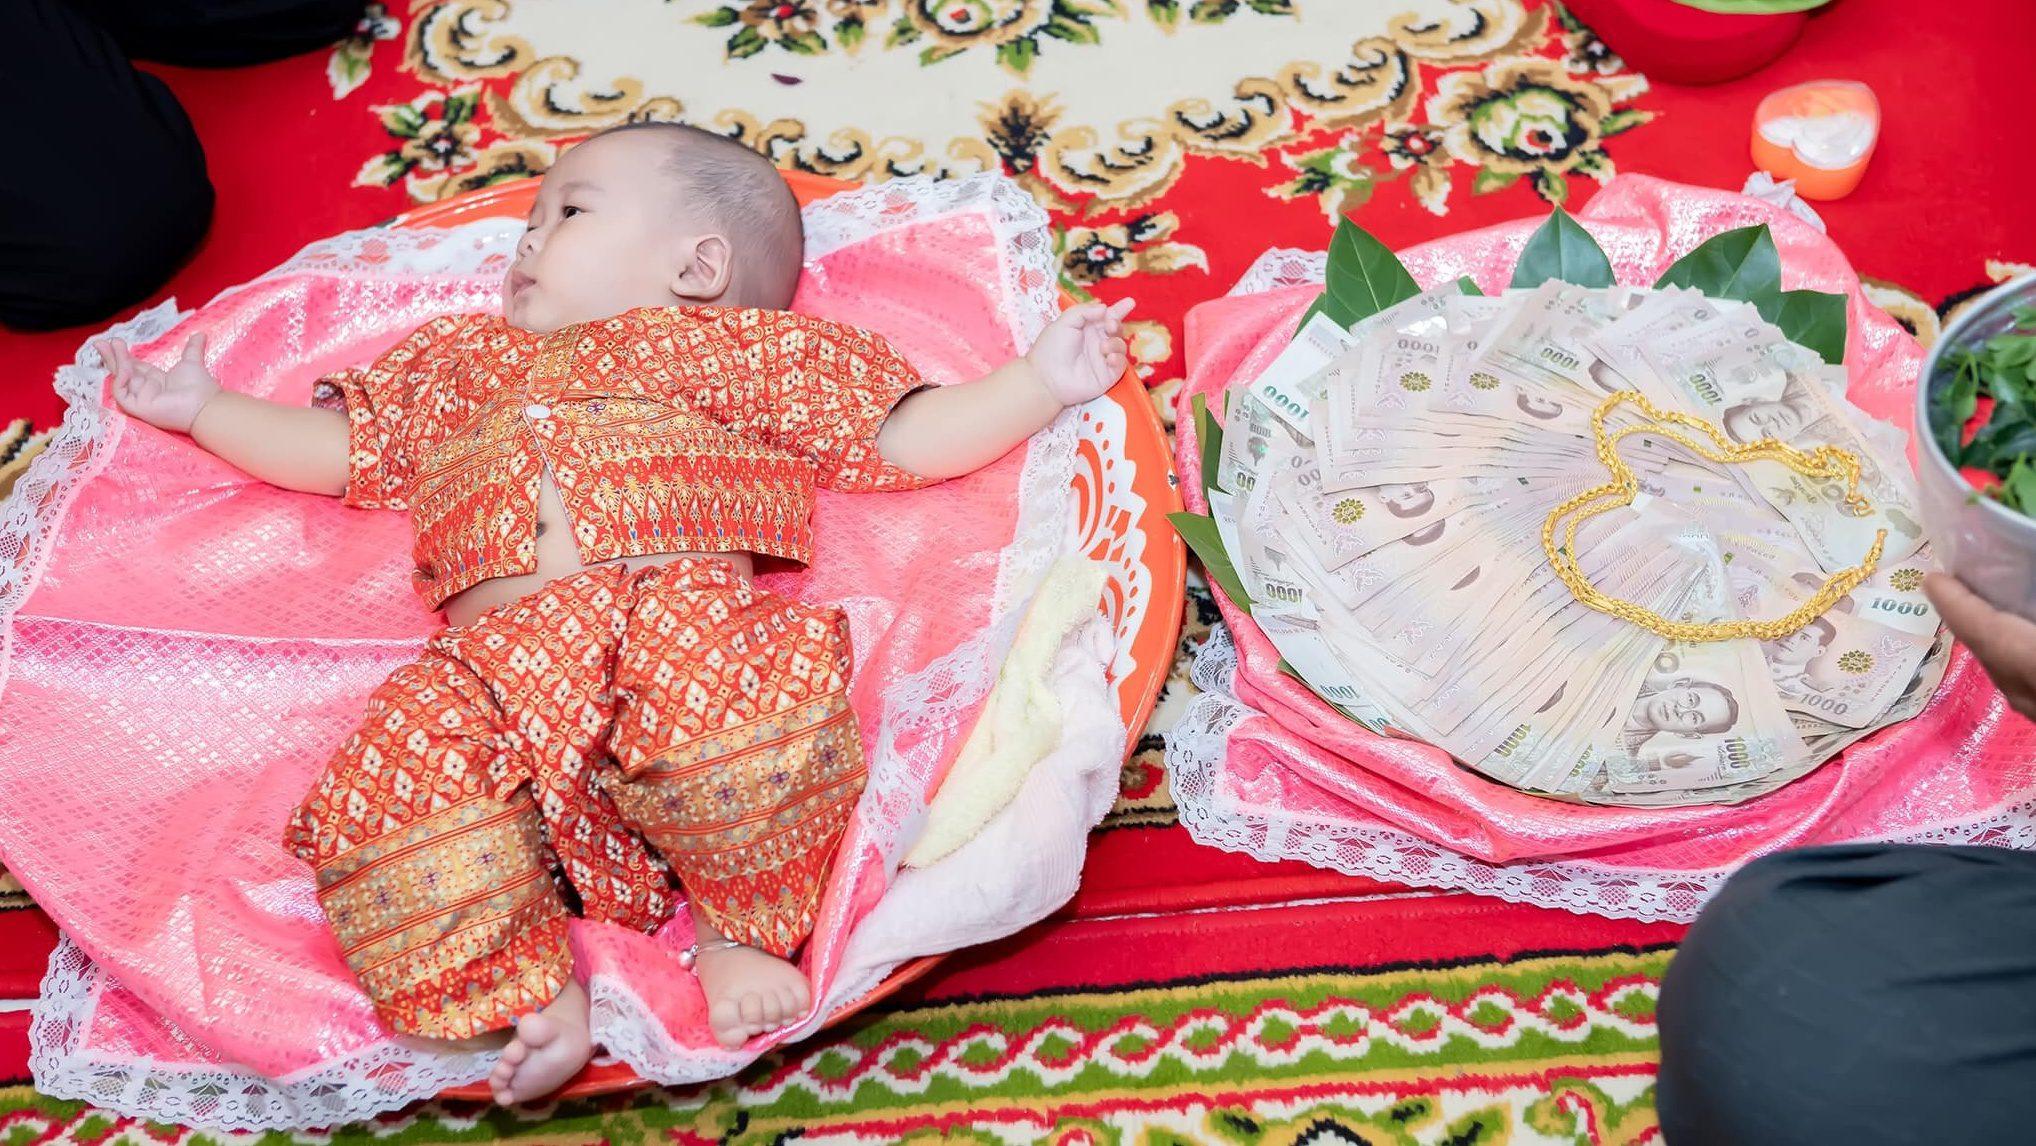 มิติใหม่สินสอดแต่งงาน ใส่ทารกมาพร้อมกับแก้วแหวนเงินทอง